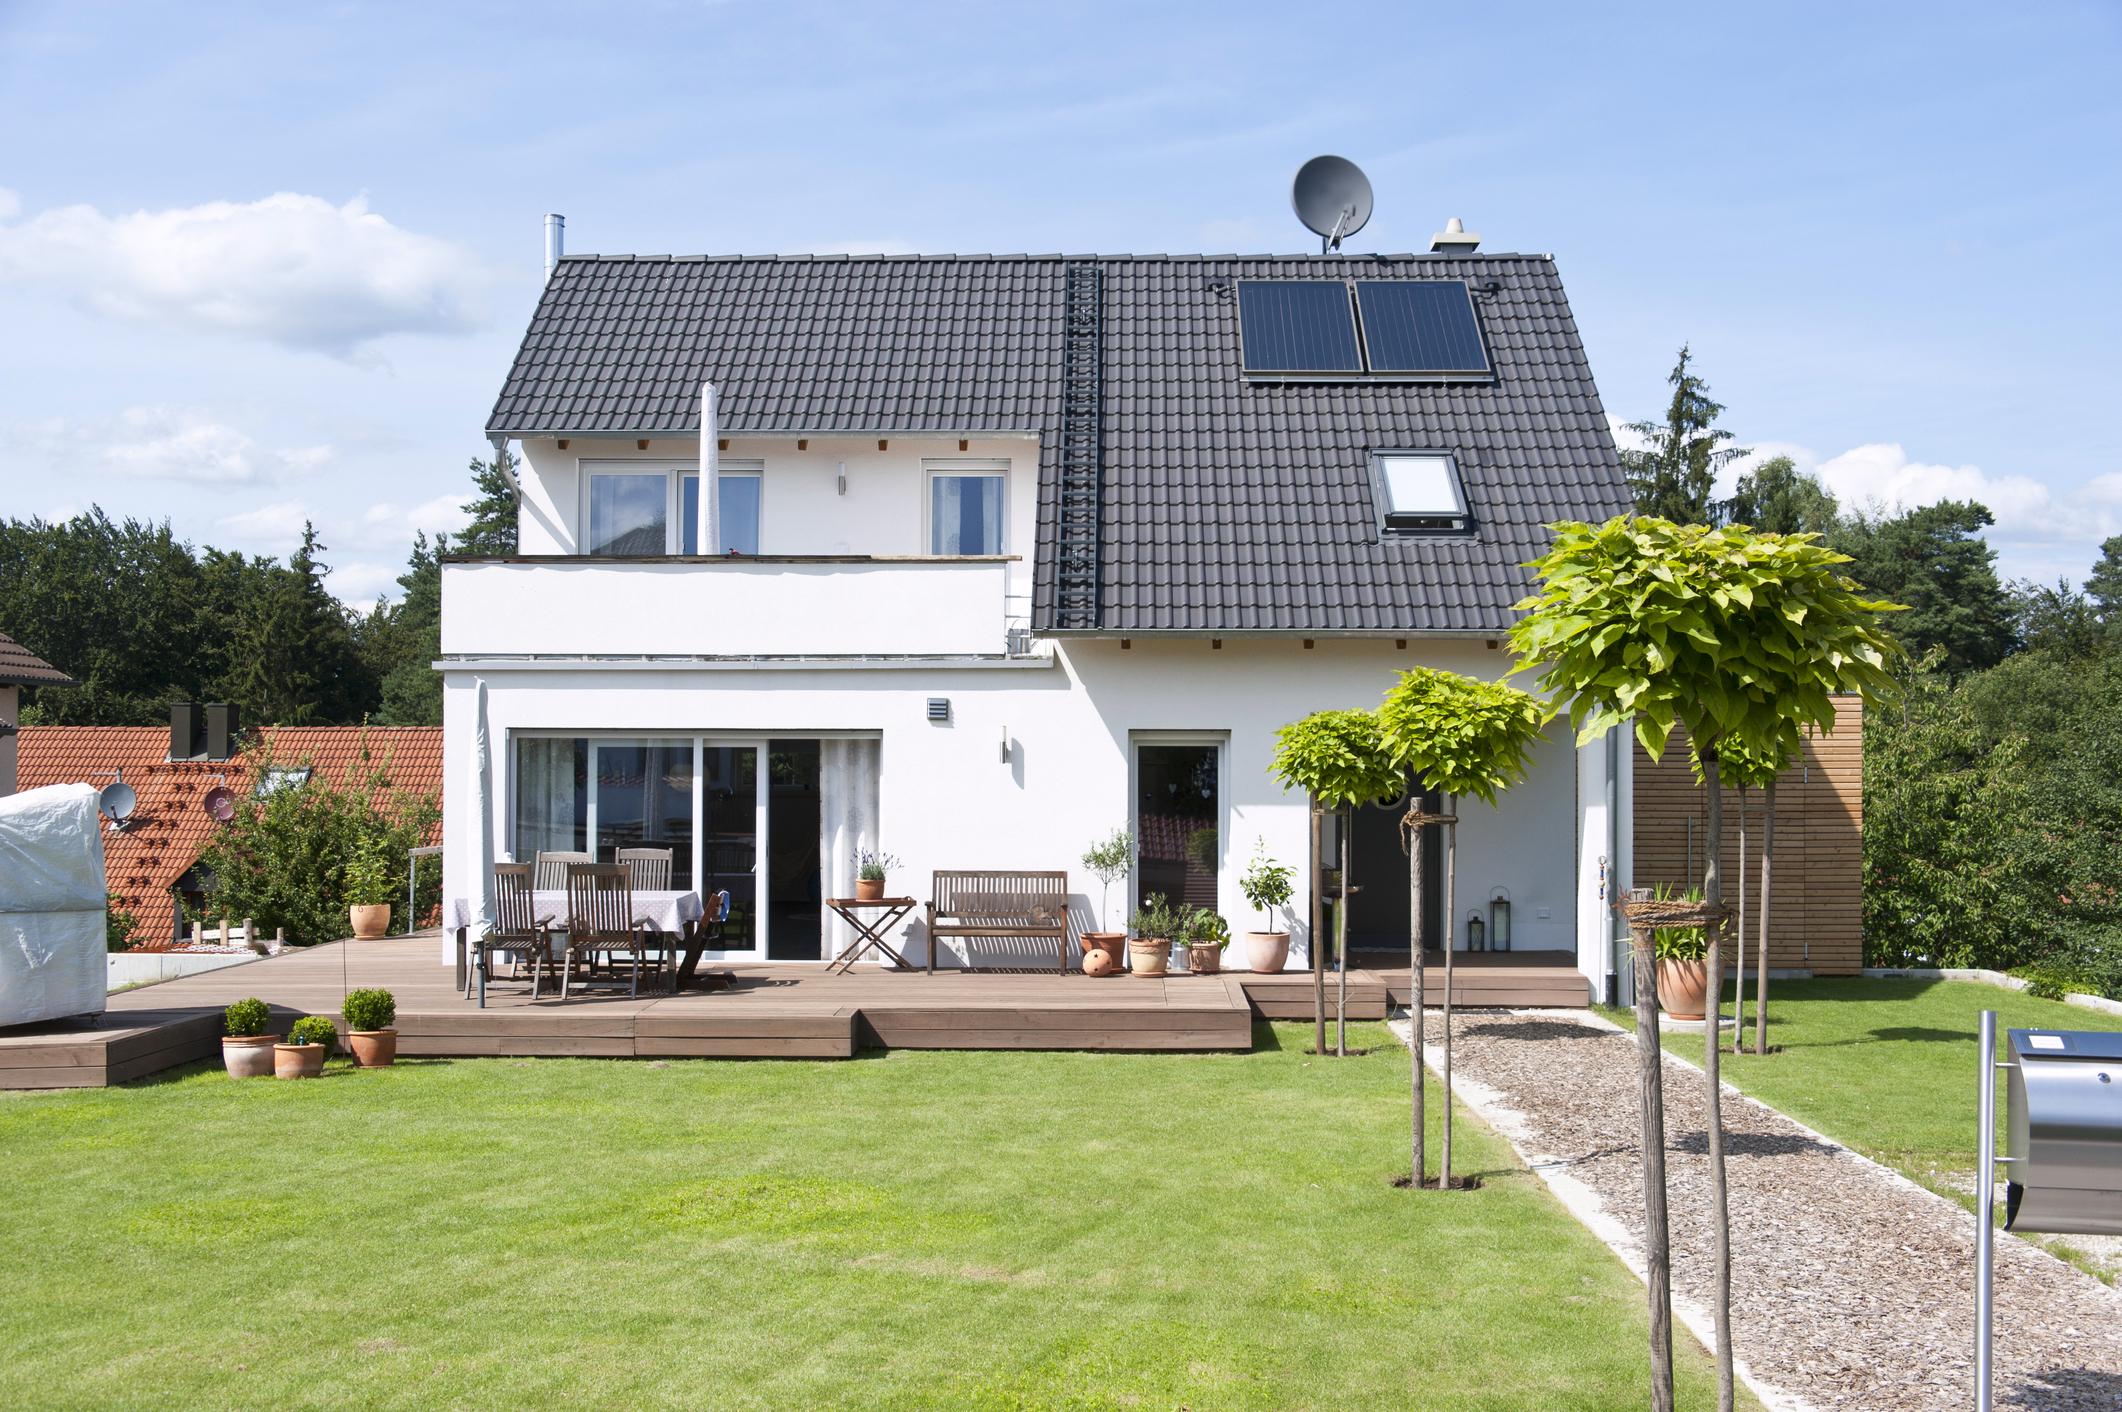 Endlich im Eigenheim: Nach der Hausübergabe hast du eine gesetzliche Gewährleistungsfrist von drei Jahren, um Baumängel zu beanstanden.